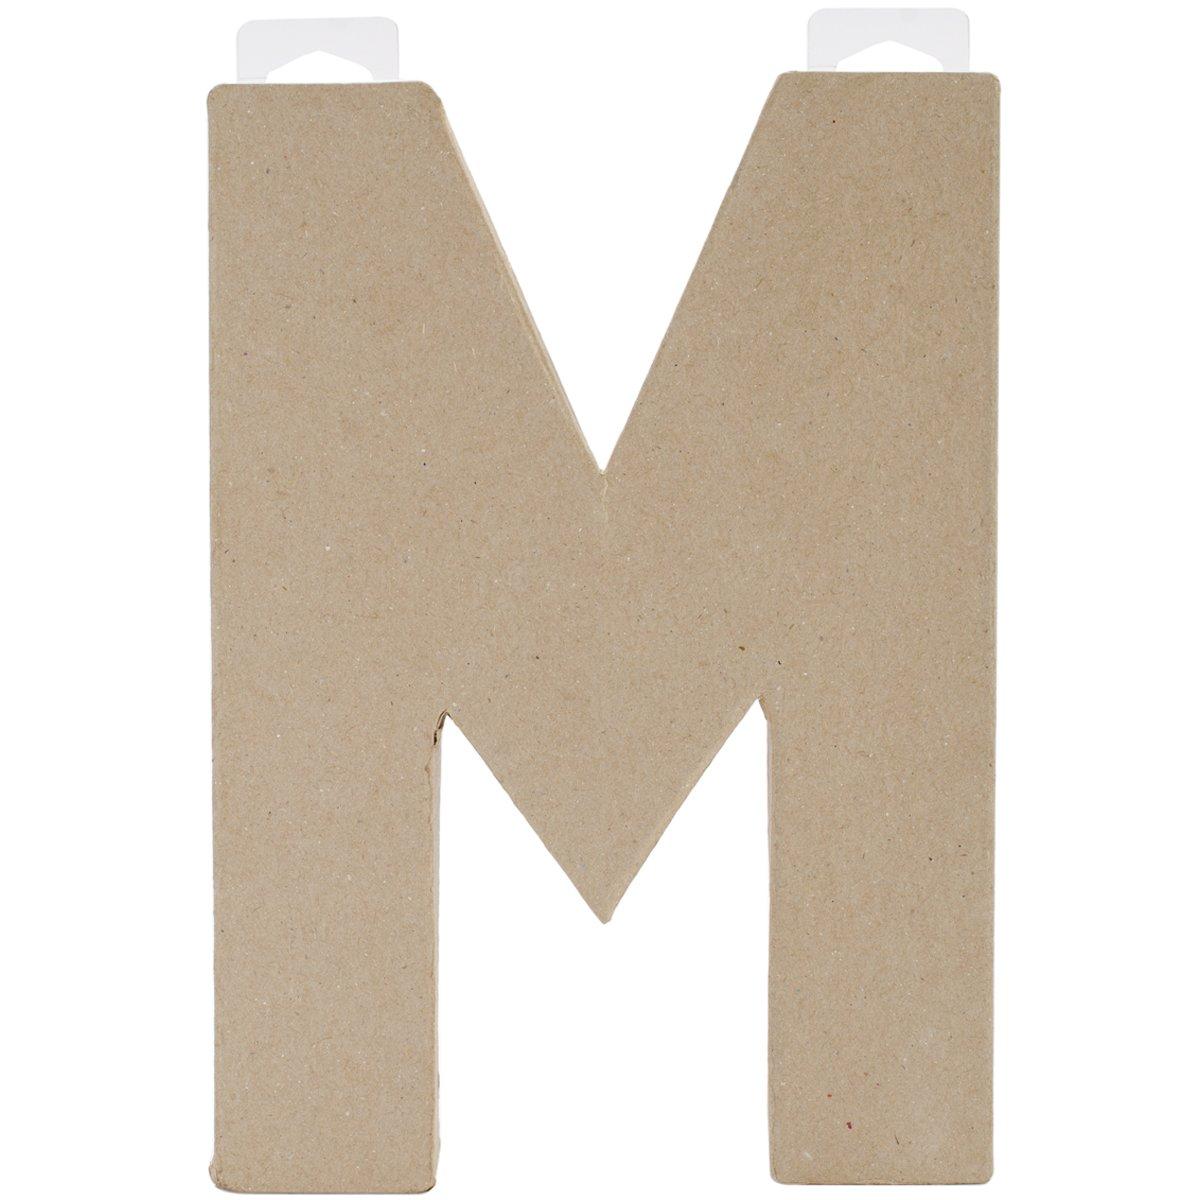 Paper Mache Letter - M - 8 x 5.5 x 1 inches Darice 2862-M